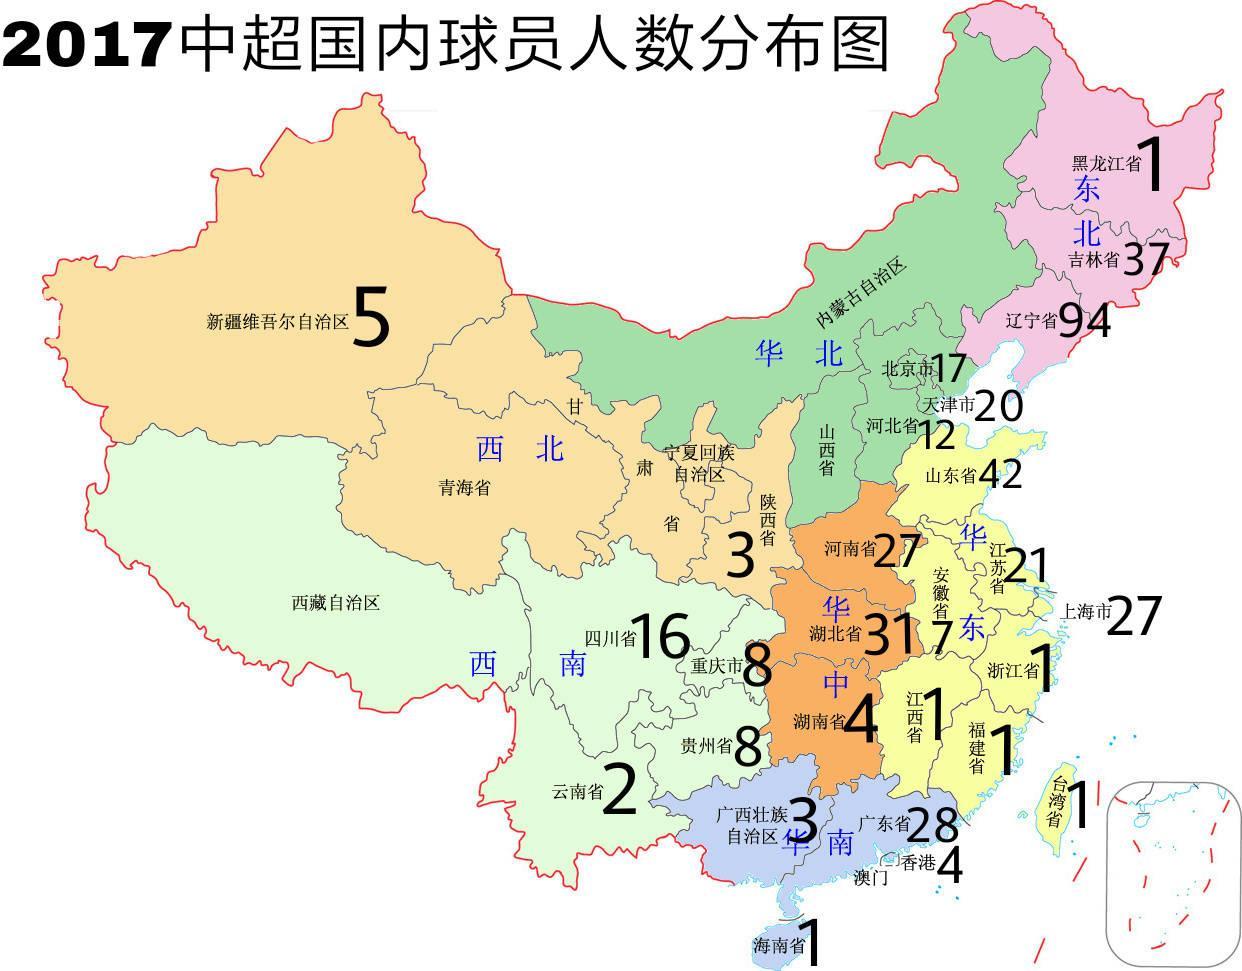 随县GDP_湖北最晚成立的县,交通发达且景点众多,有3条高速和5个AAAA景点